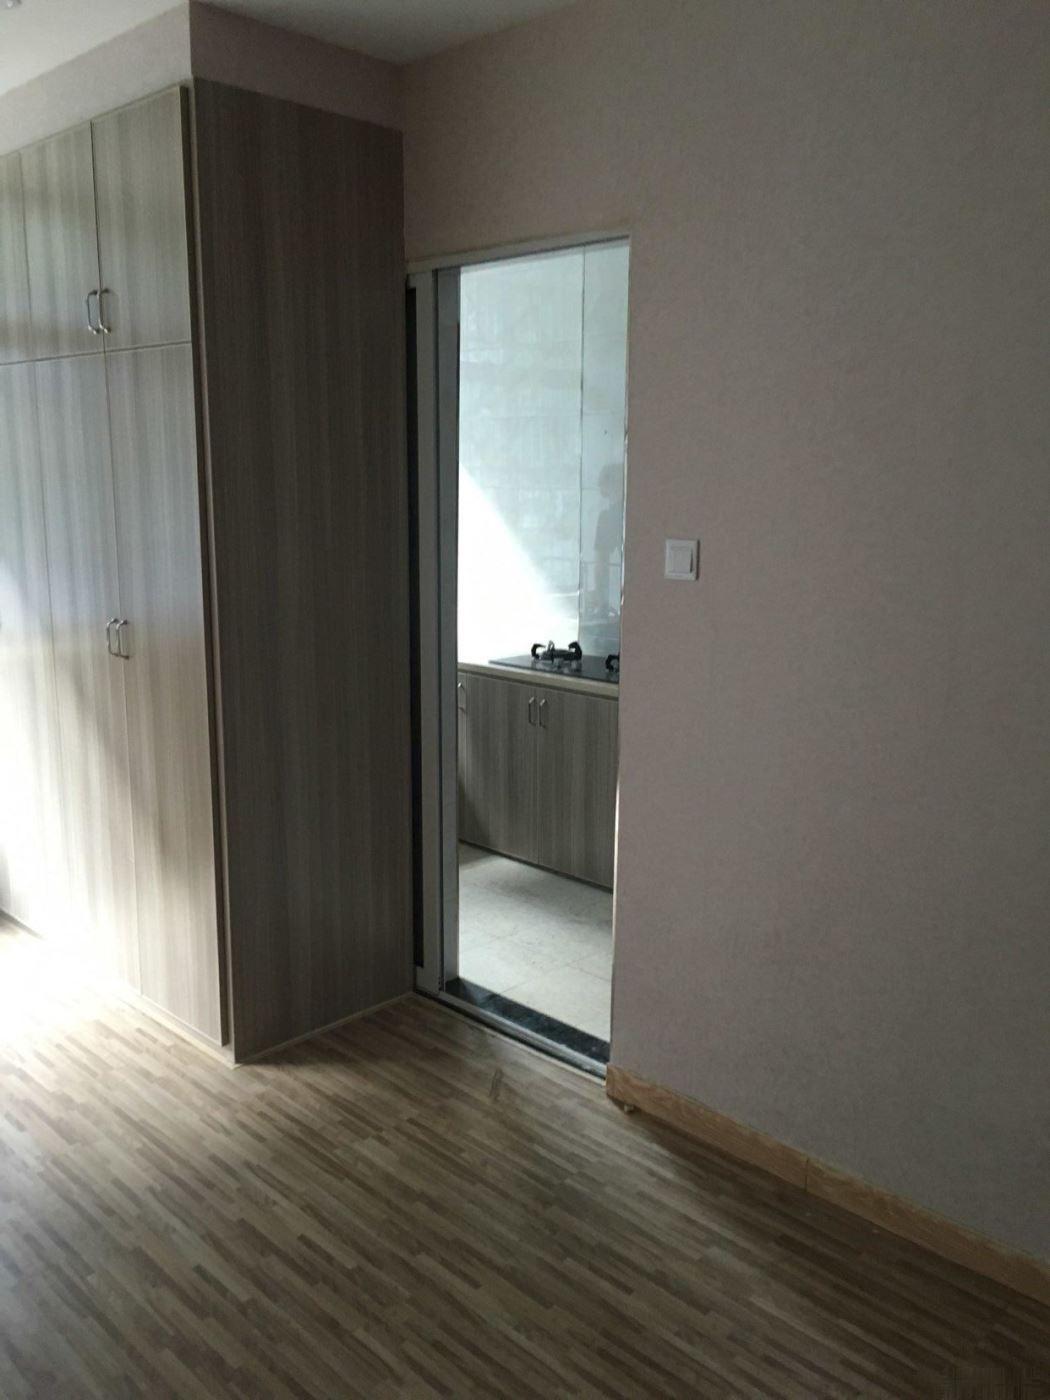 北苑丹阳街乐购后面精装修公寓出售,小户型低总价,北苑中小学